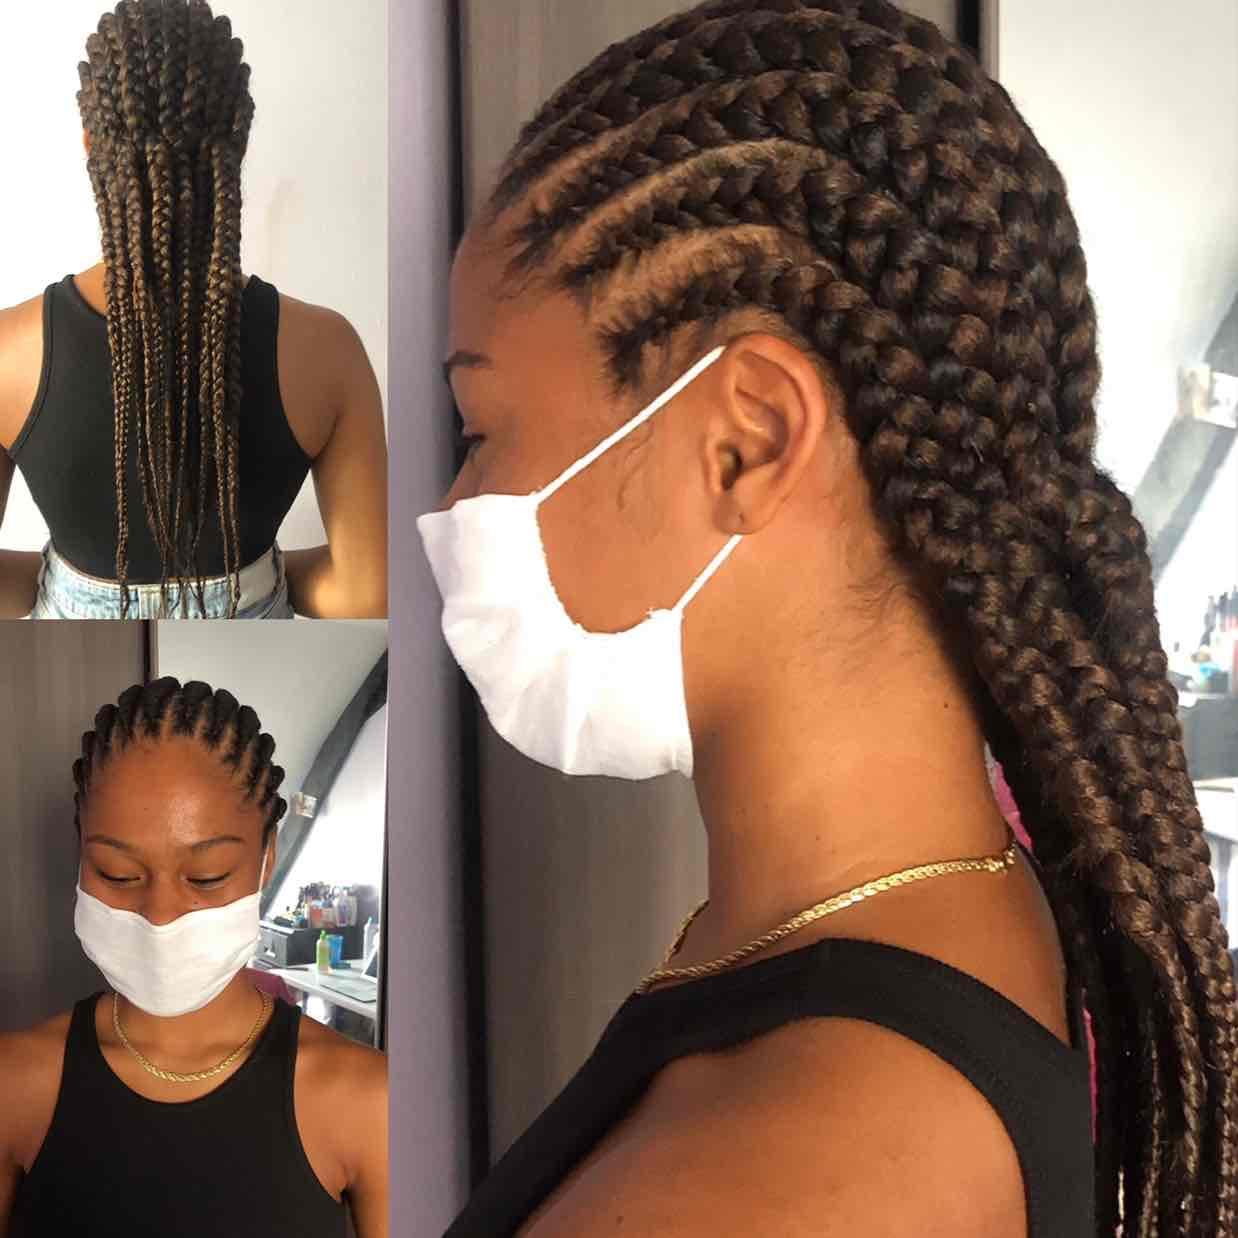 salon de coiffure afro tresse tresses box braids crochet braids vanilles tissages paris 75 77 78 91 92 93 94 95 TXUEJFPZ